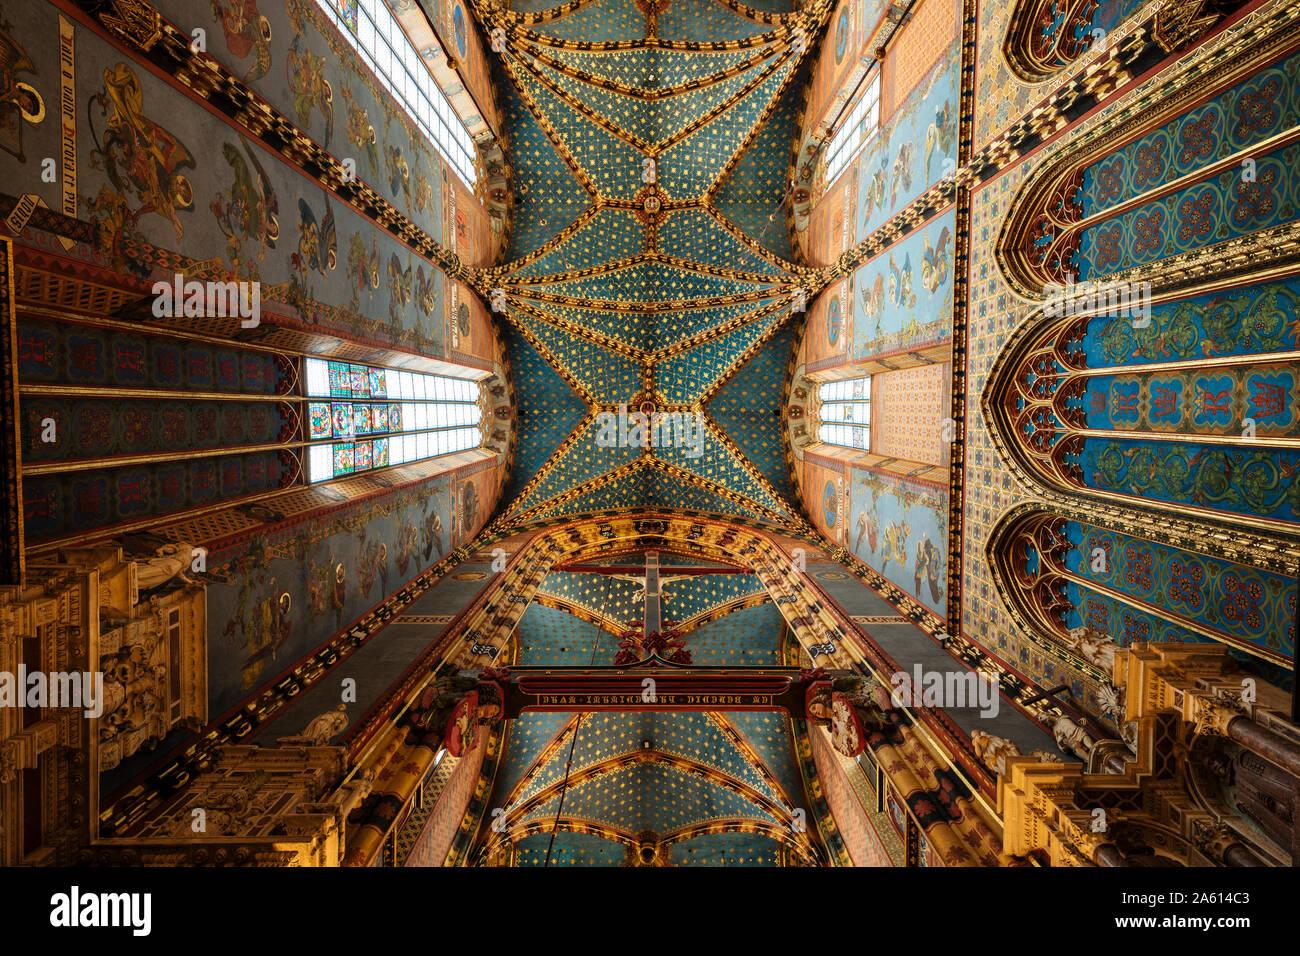 Interior de la Basílica de Santa María (Bazylika Mariacka), Sitio de Patrimonio Mundial de la UNESCO, Cracovia, Malopolskie, Polonia, Europa Foto de stock